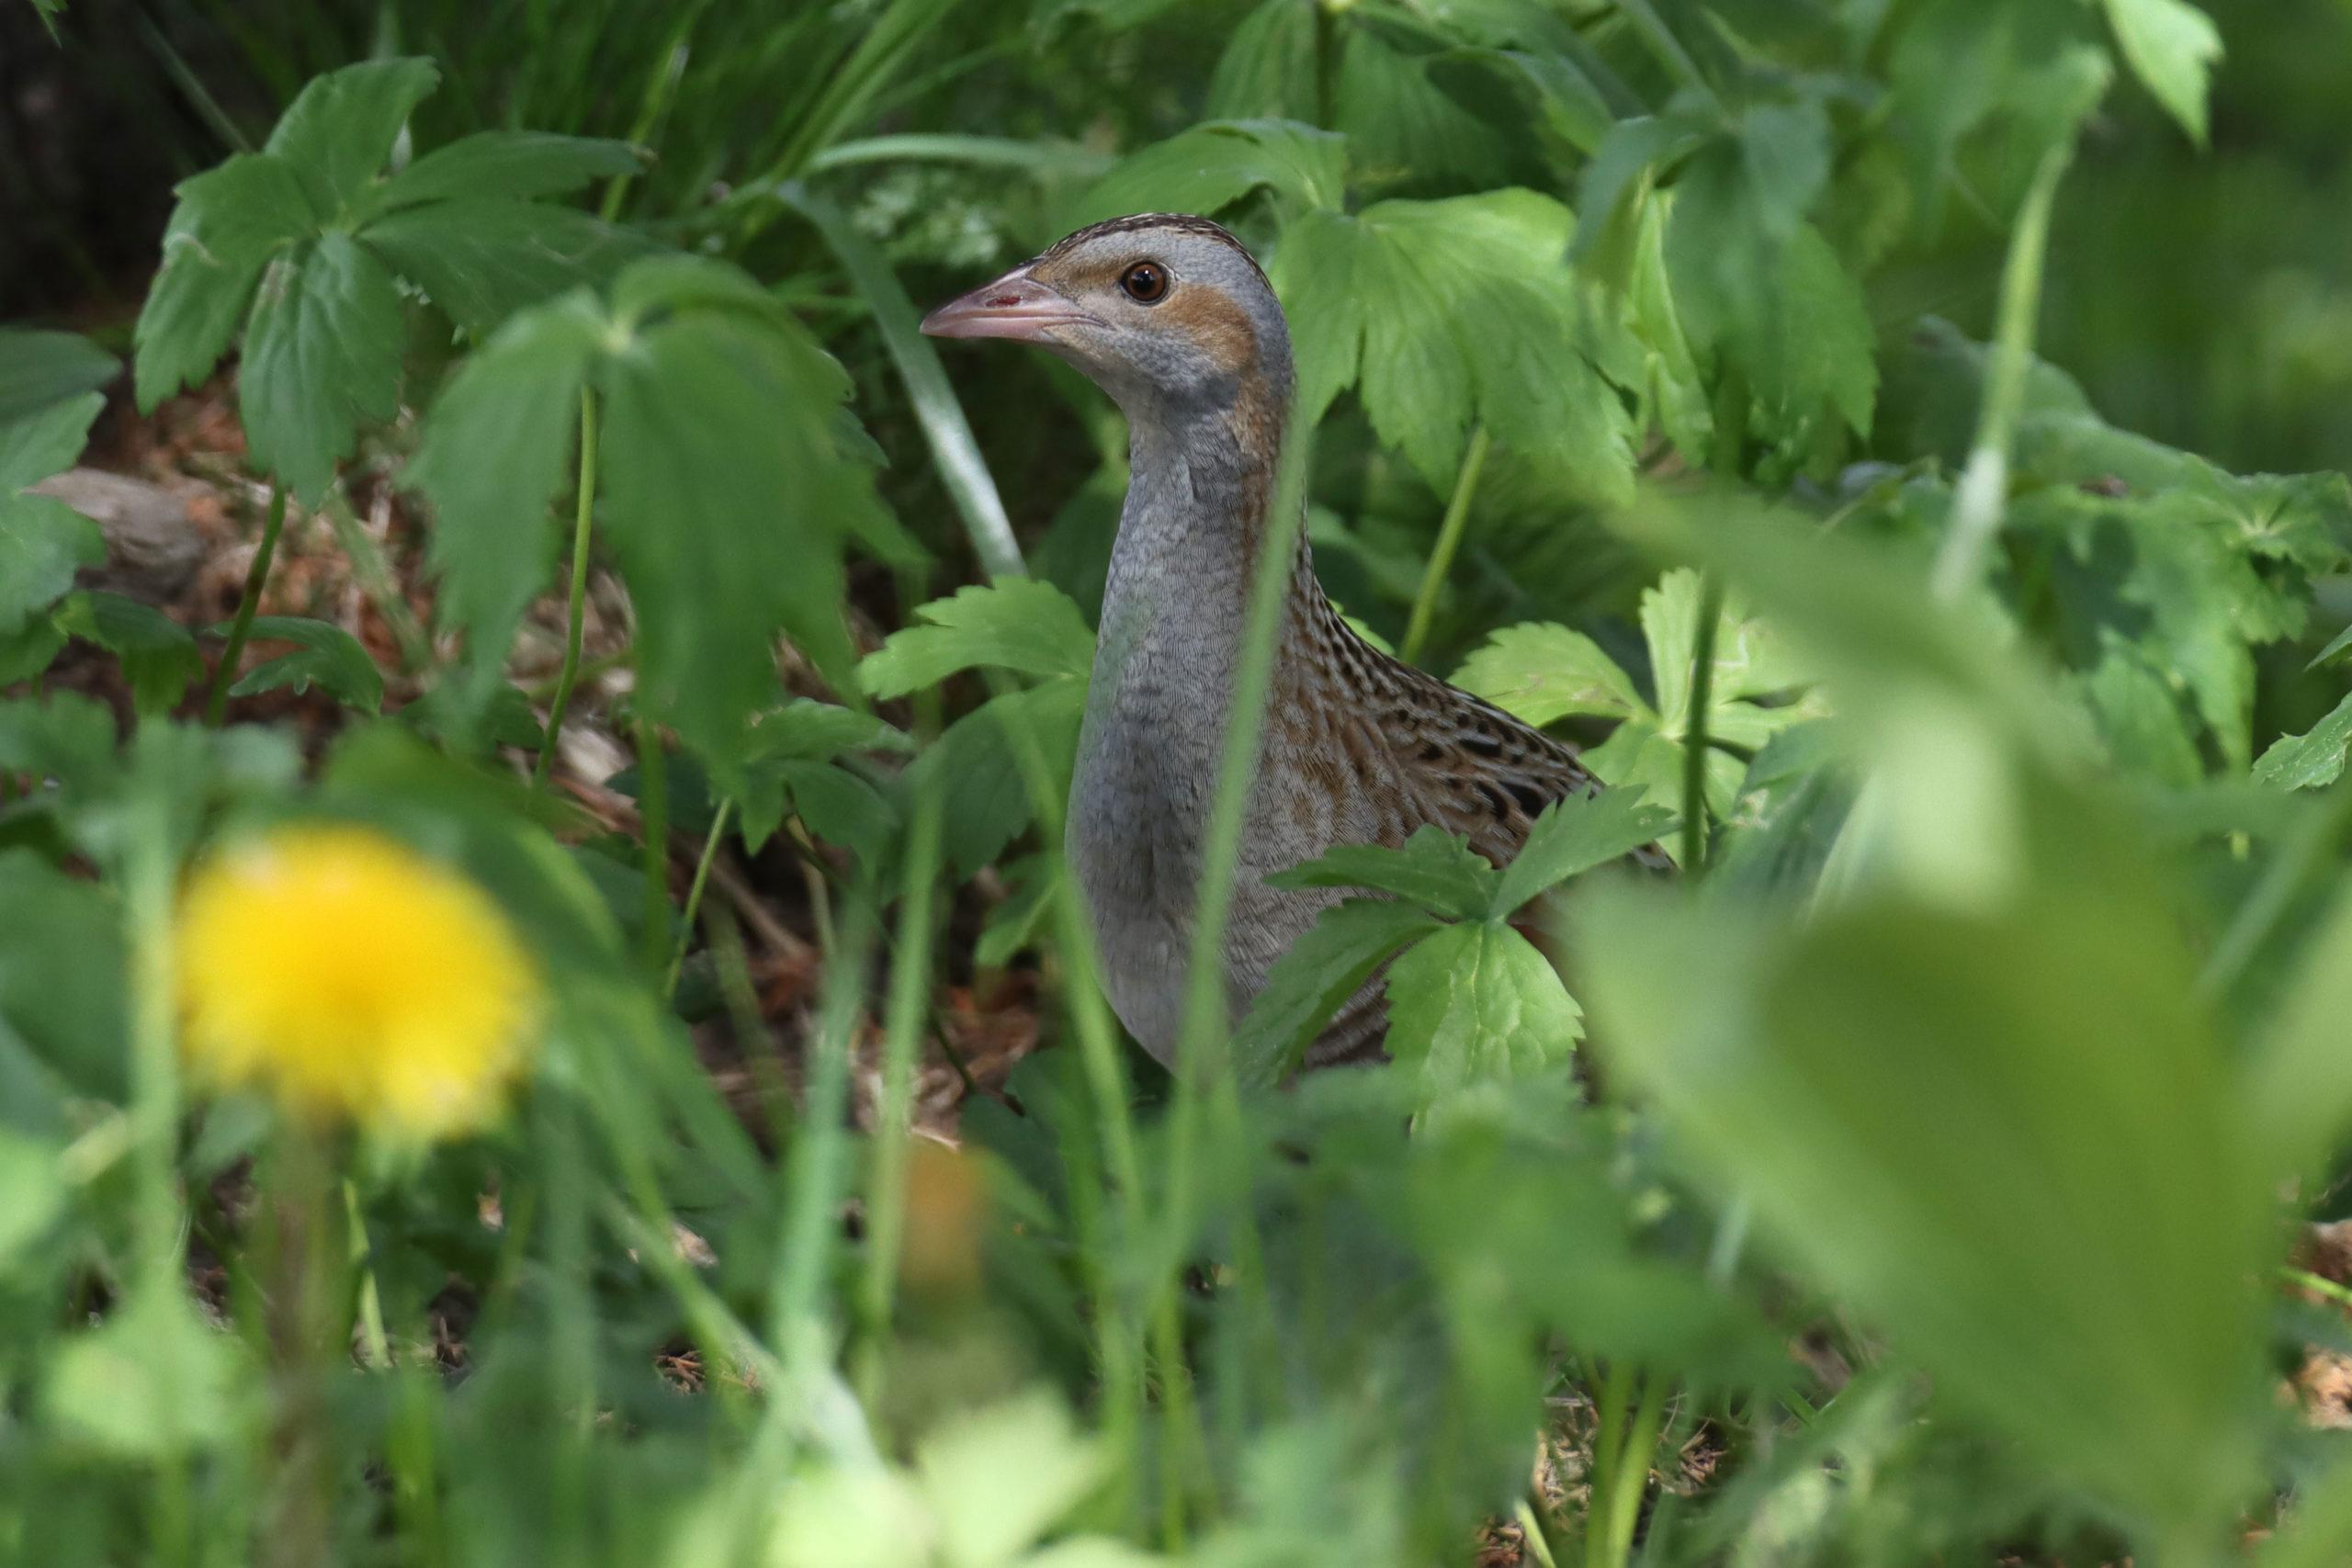 Un oiseau très rare vu dans la région